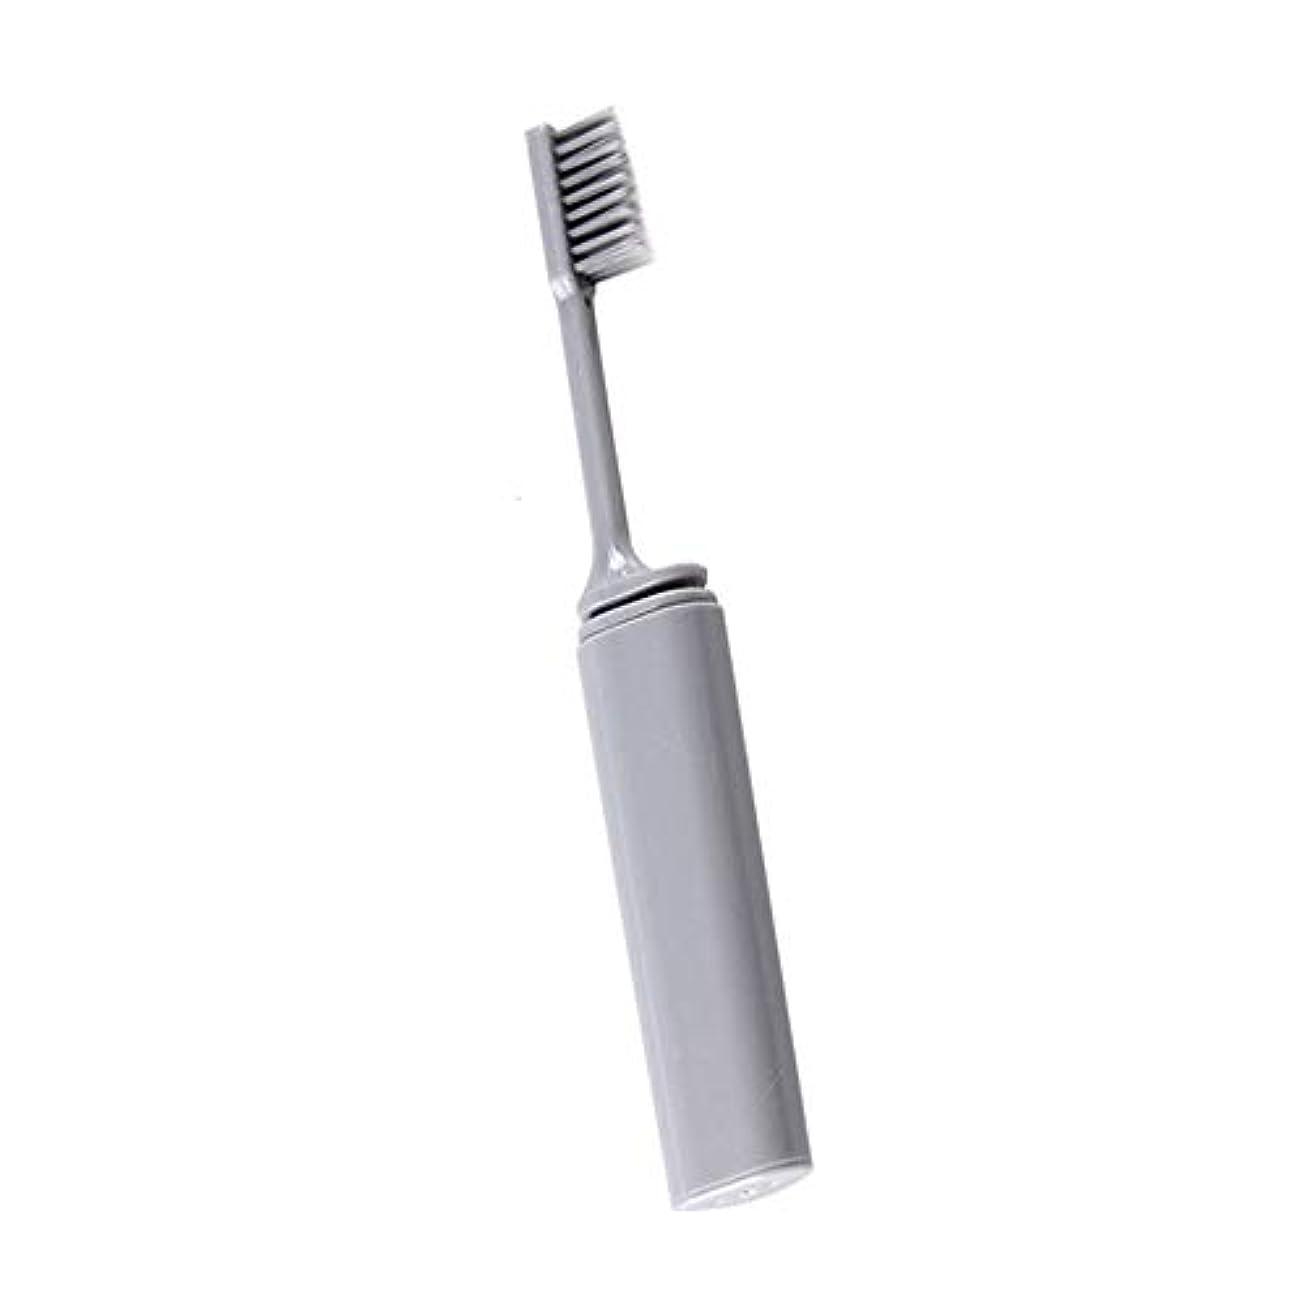 住人不良品シャーロットブロンテOnior 旅行歯ブラシ 折りたたみ歯ブラシ 携帯歯ブラシ 外出 旅行用品, ソフト コンパクト歯ブラシ 便利 折りたたみ 耐久性 携帯用 灰色